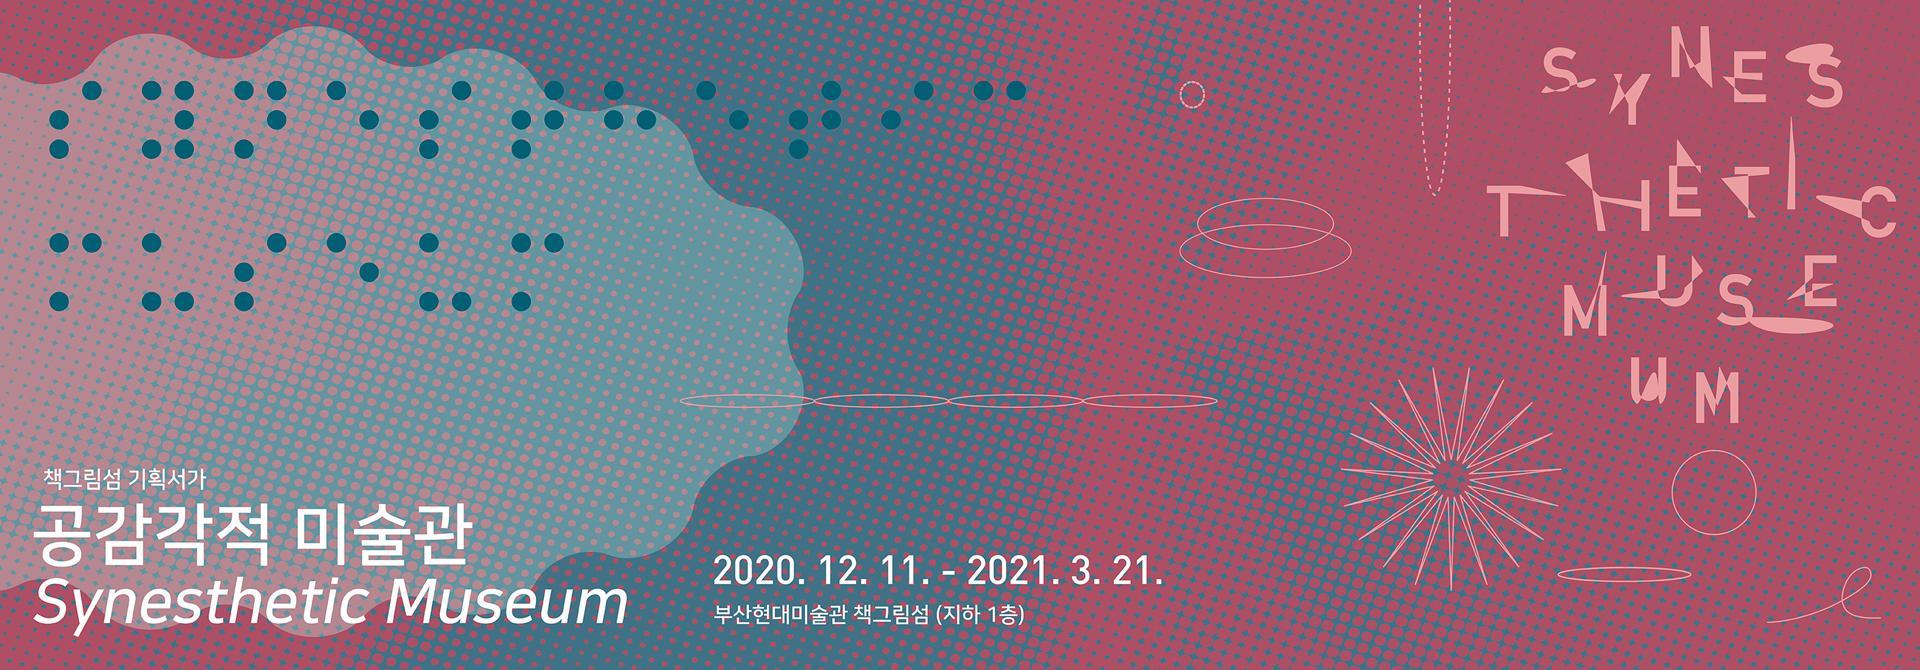 책그림섬 기획서가 공감각적 미술관 Synesthetic Museum  2020. 12. 11. - 2021. 3. 21. 부산현대미술관 책그림섬 (지하 1층)